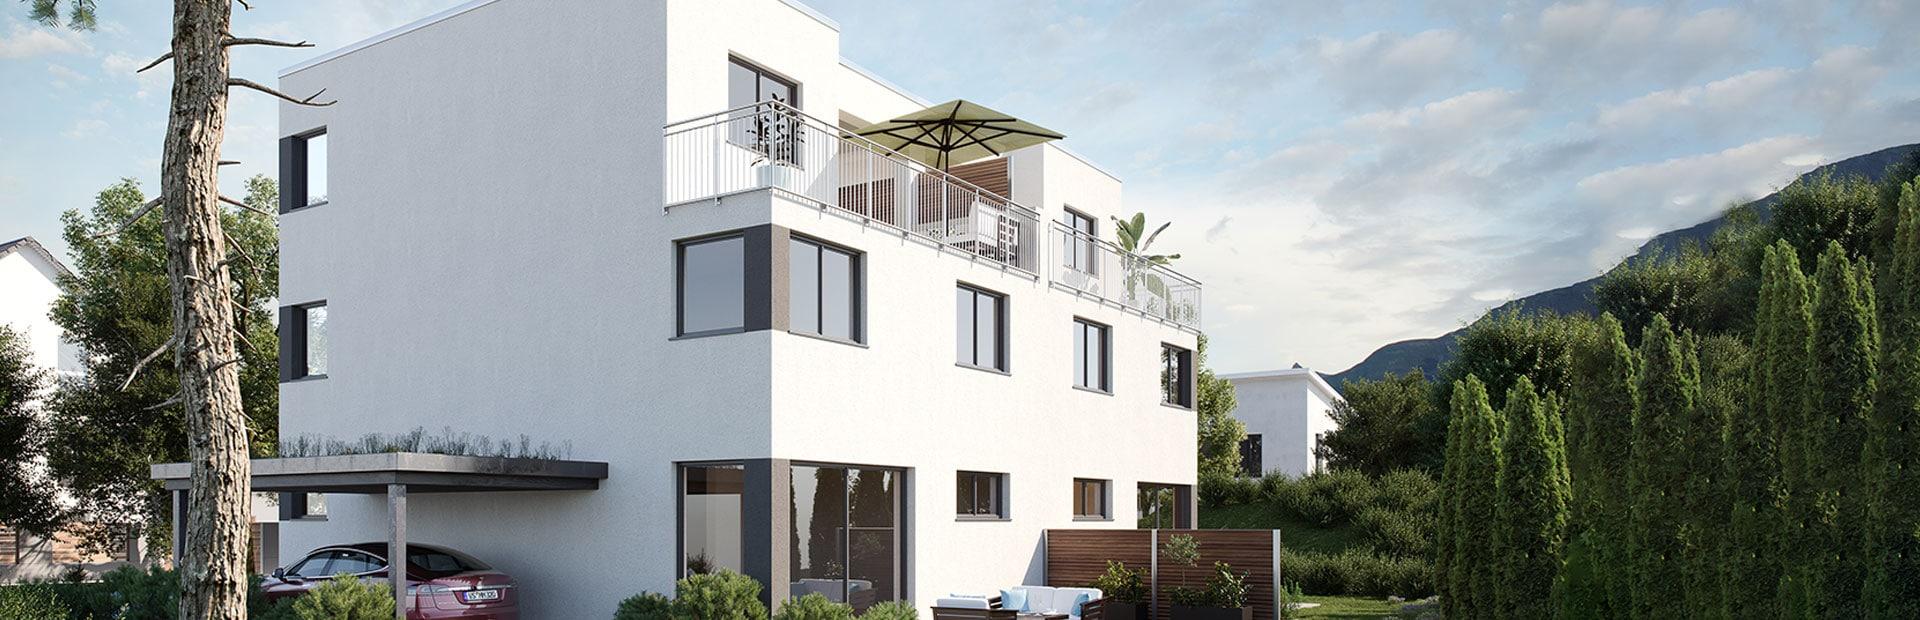 Doppelhaus auf Wunsch bauen lassen